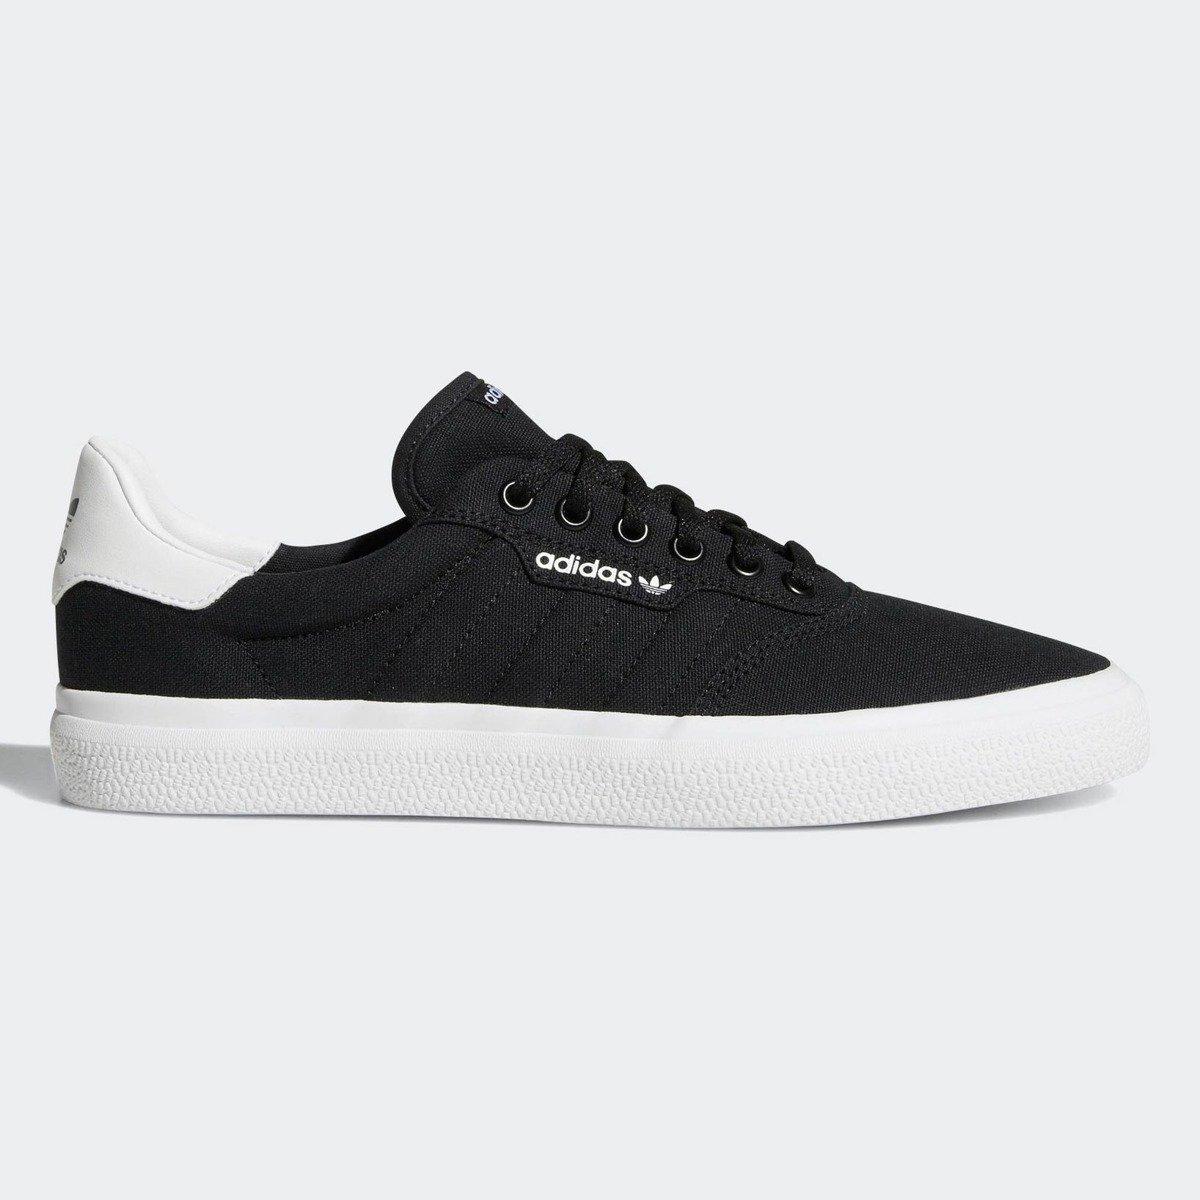 reputable site e16b9 53105 adidas 3 mc shoes black  Shoes  Adidas Skateboarding Brands  Adidas  Originals SALE  Sale - 40%  Shoes  Skateshop Miniramp.pl